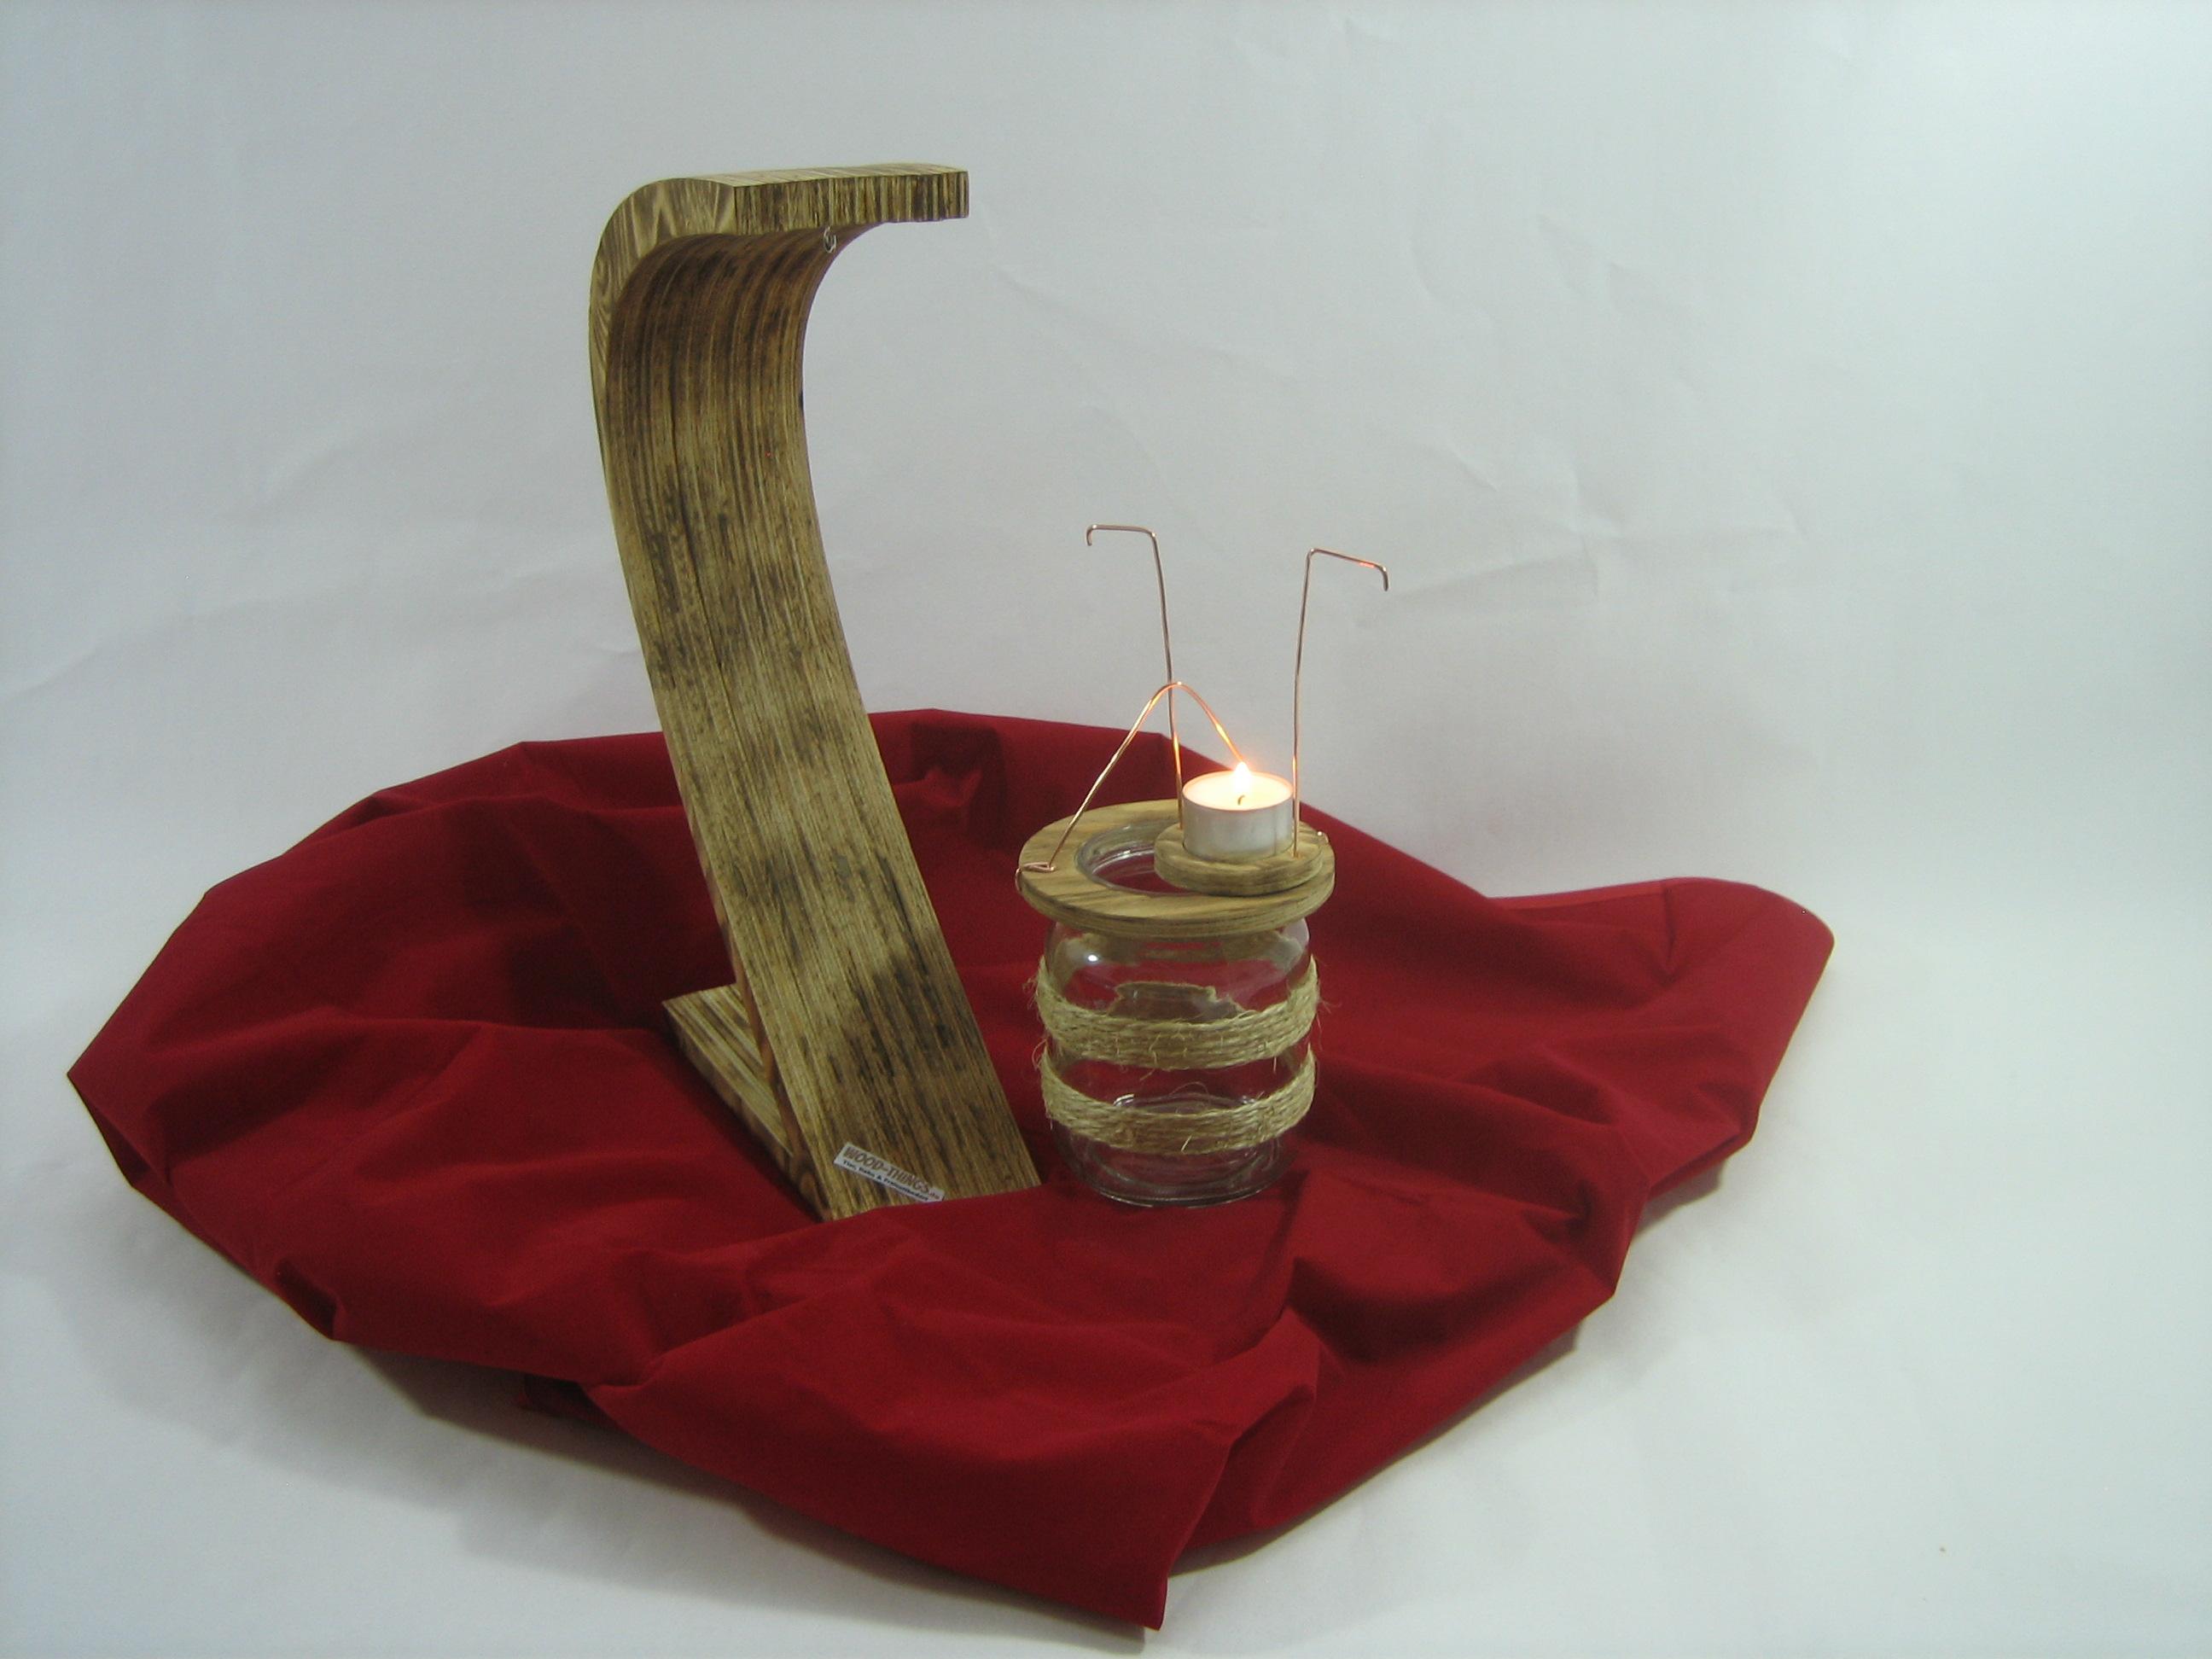 Wood extravagantes windlicht aus holz glas for Holz windlicht